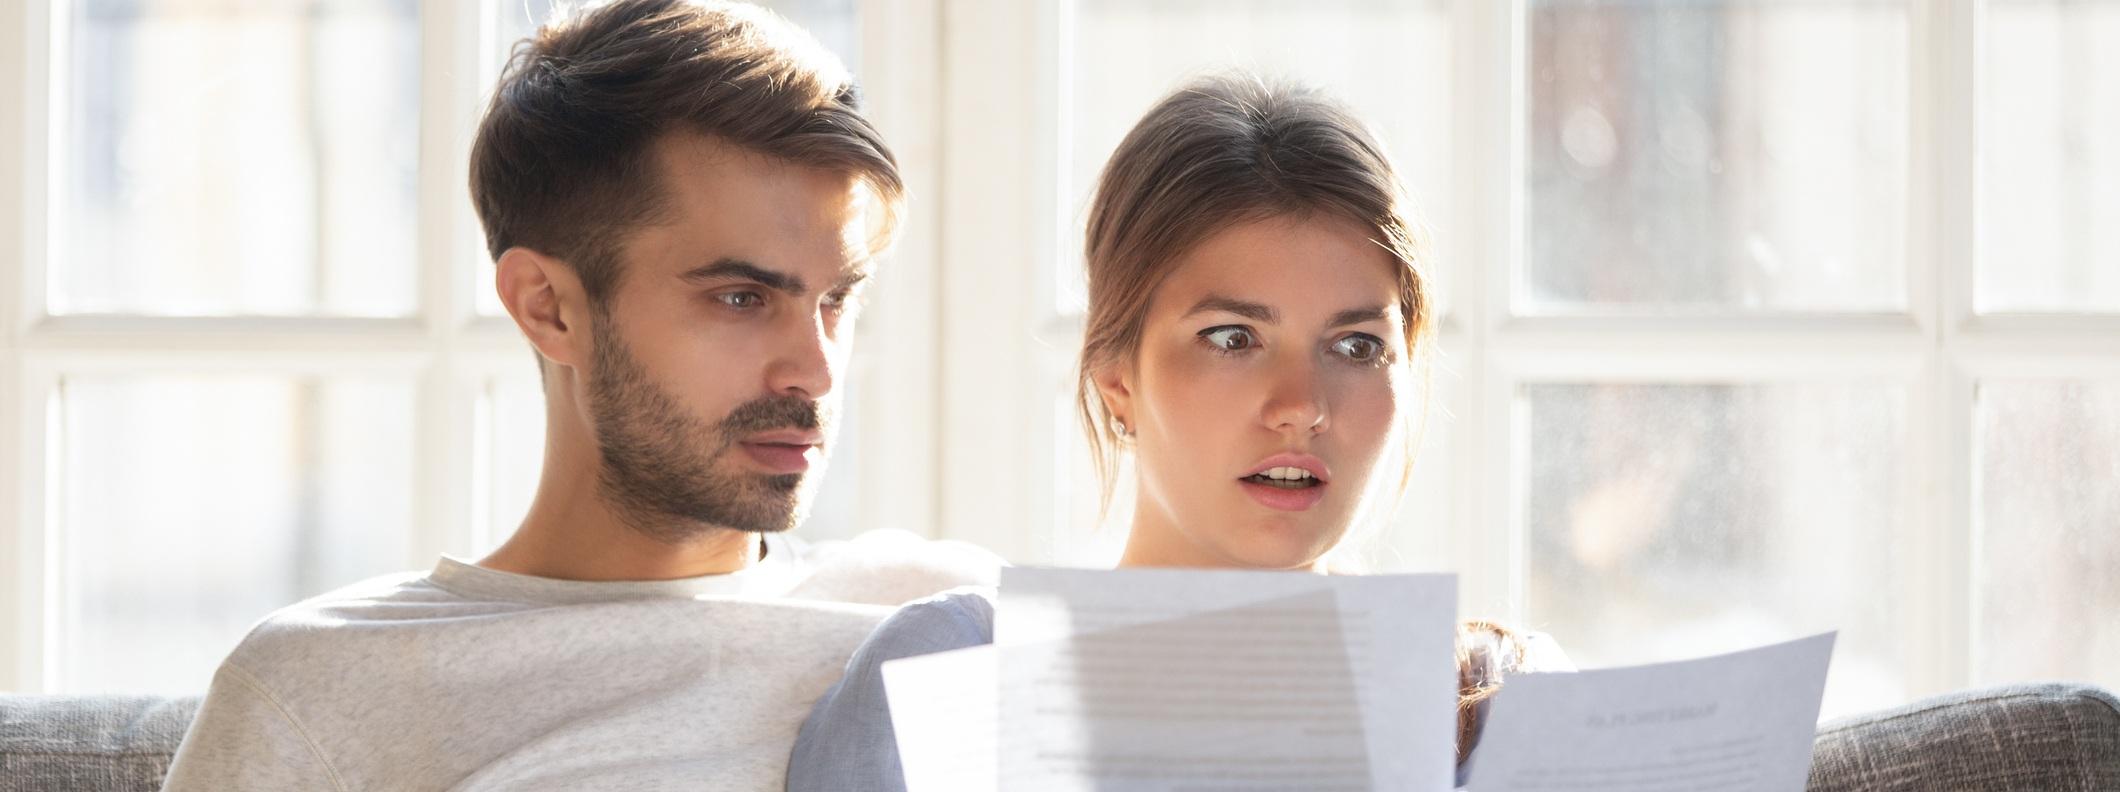 Ответственность одного из супругов по кредитному договору, оформленному вторым из супругов. Когда и как возникают обязанности?